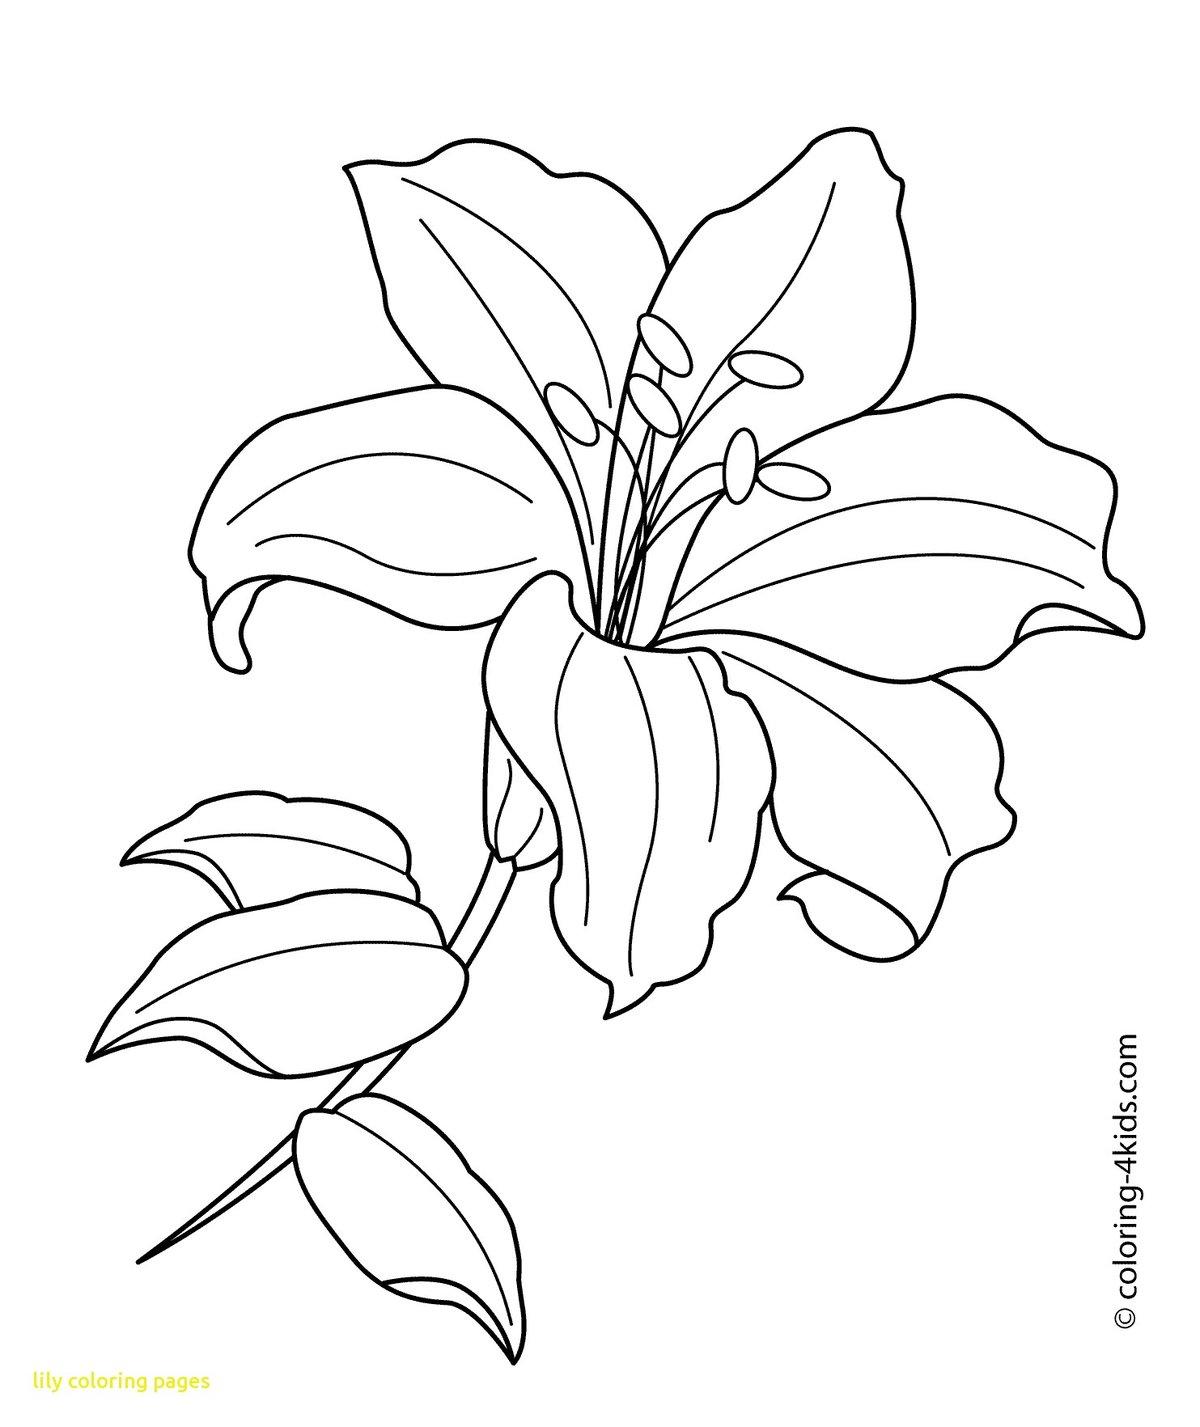 Картинка лилии контур